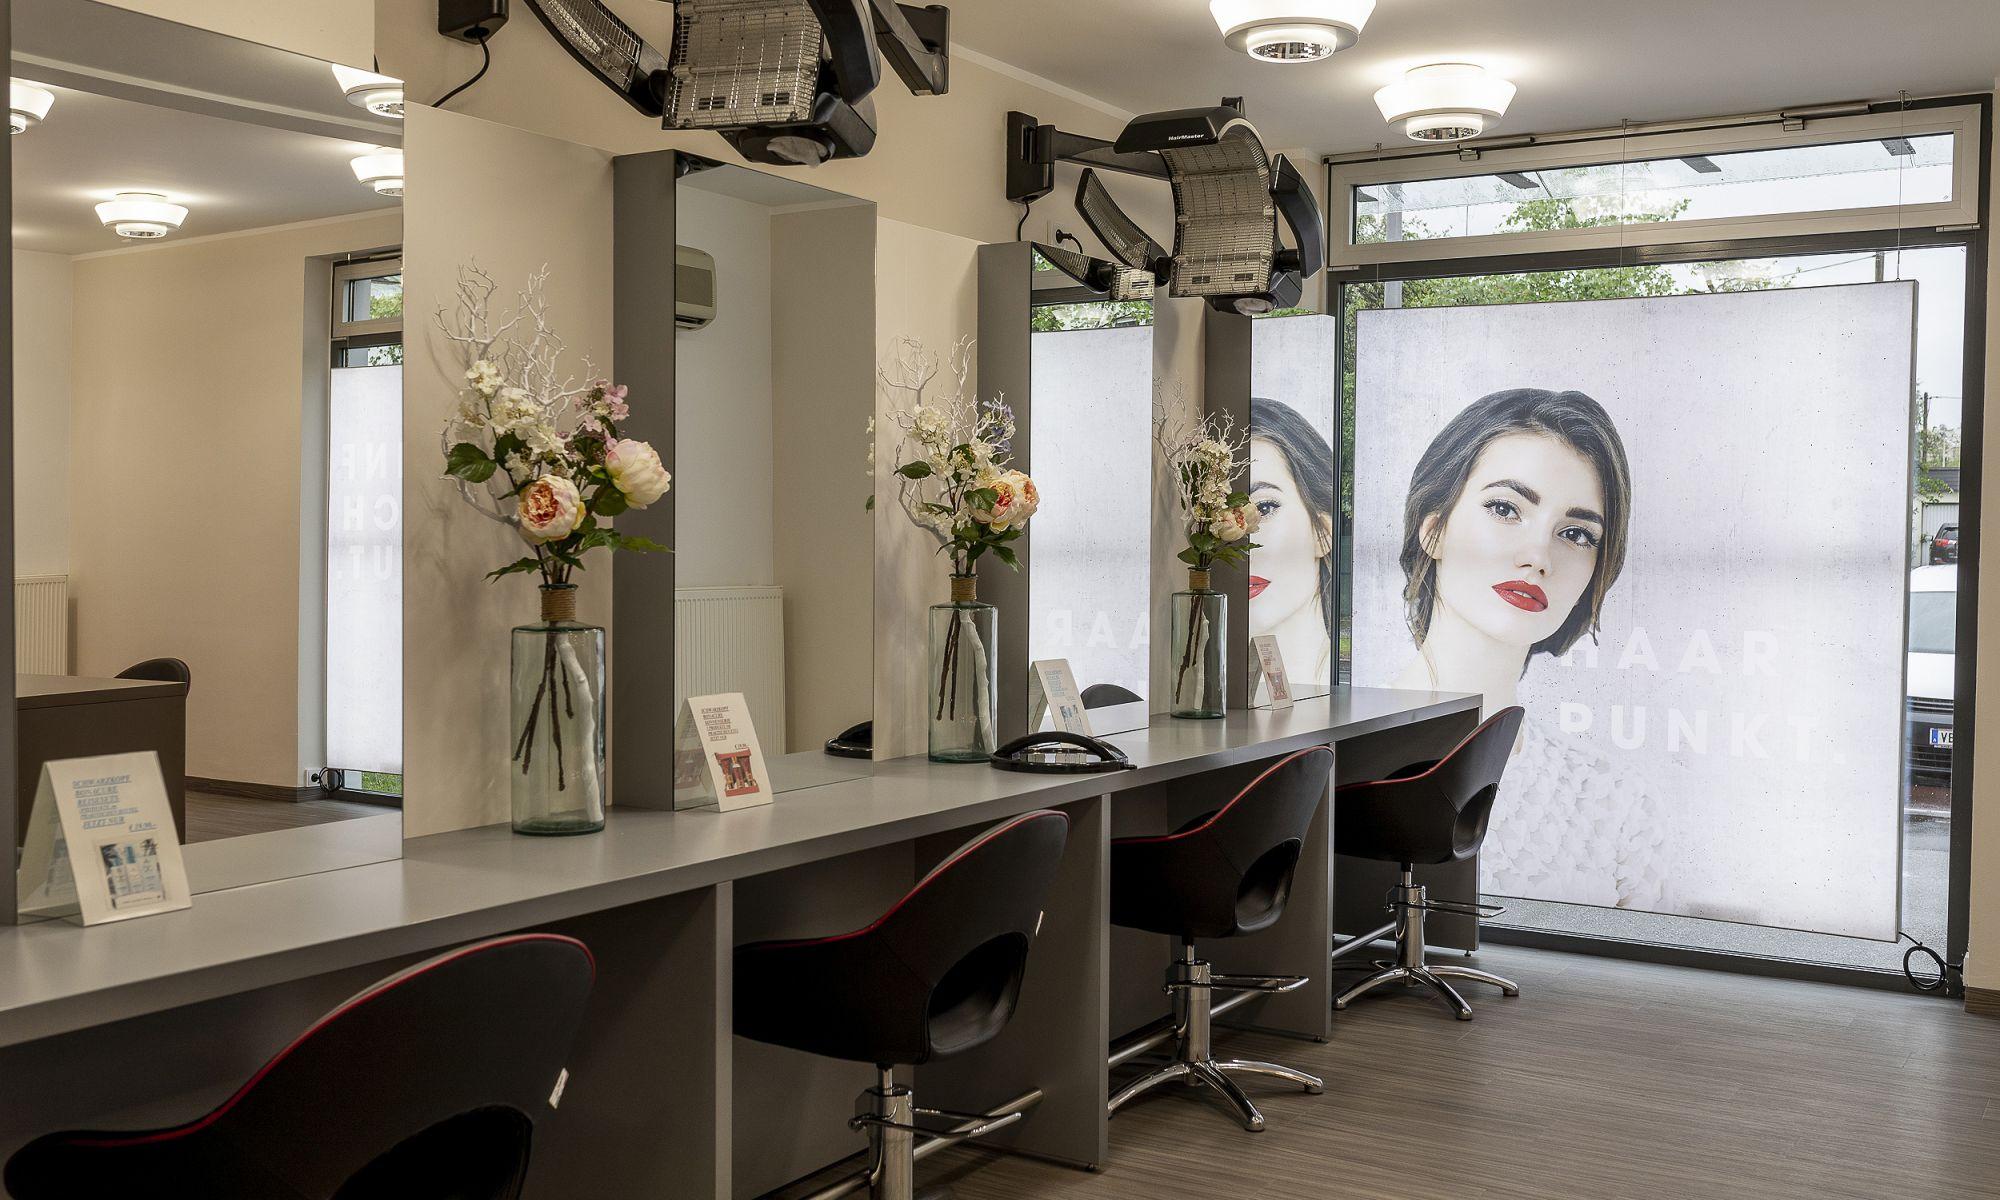 Friseur Haarpunkt - Salon in der Pulvermühlstraße